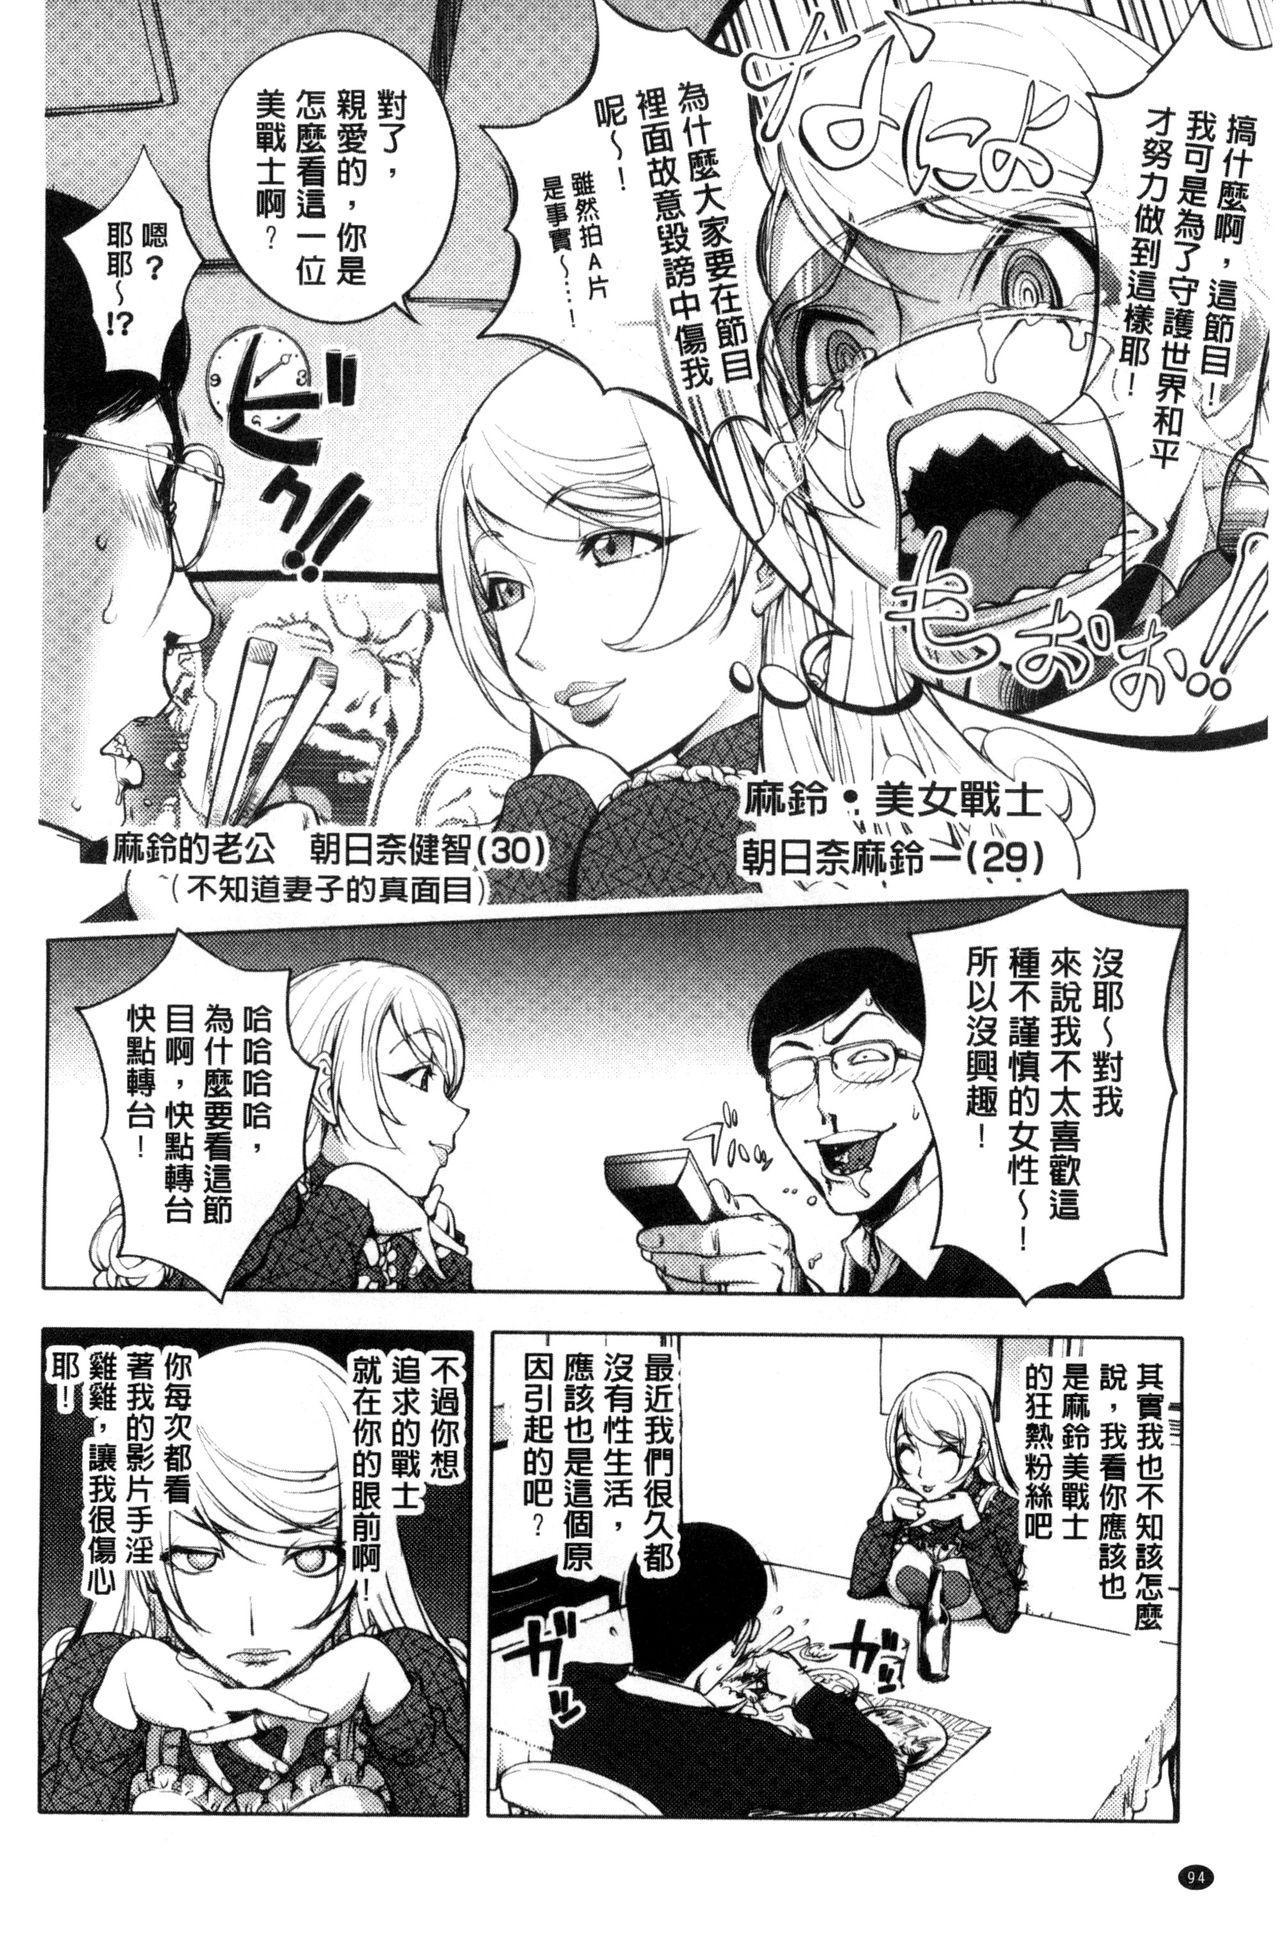 Yurushite Anata ... 99